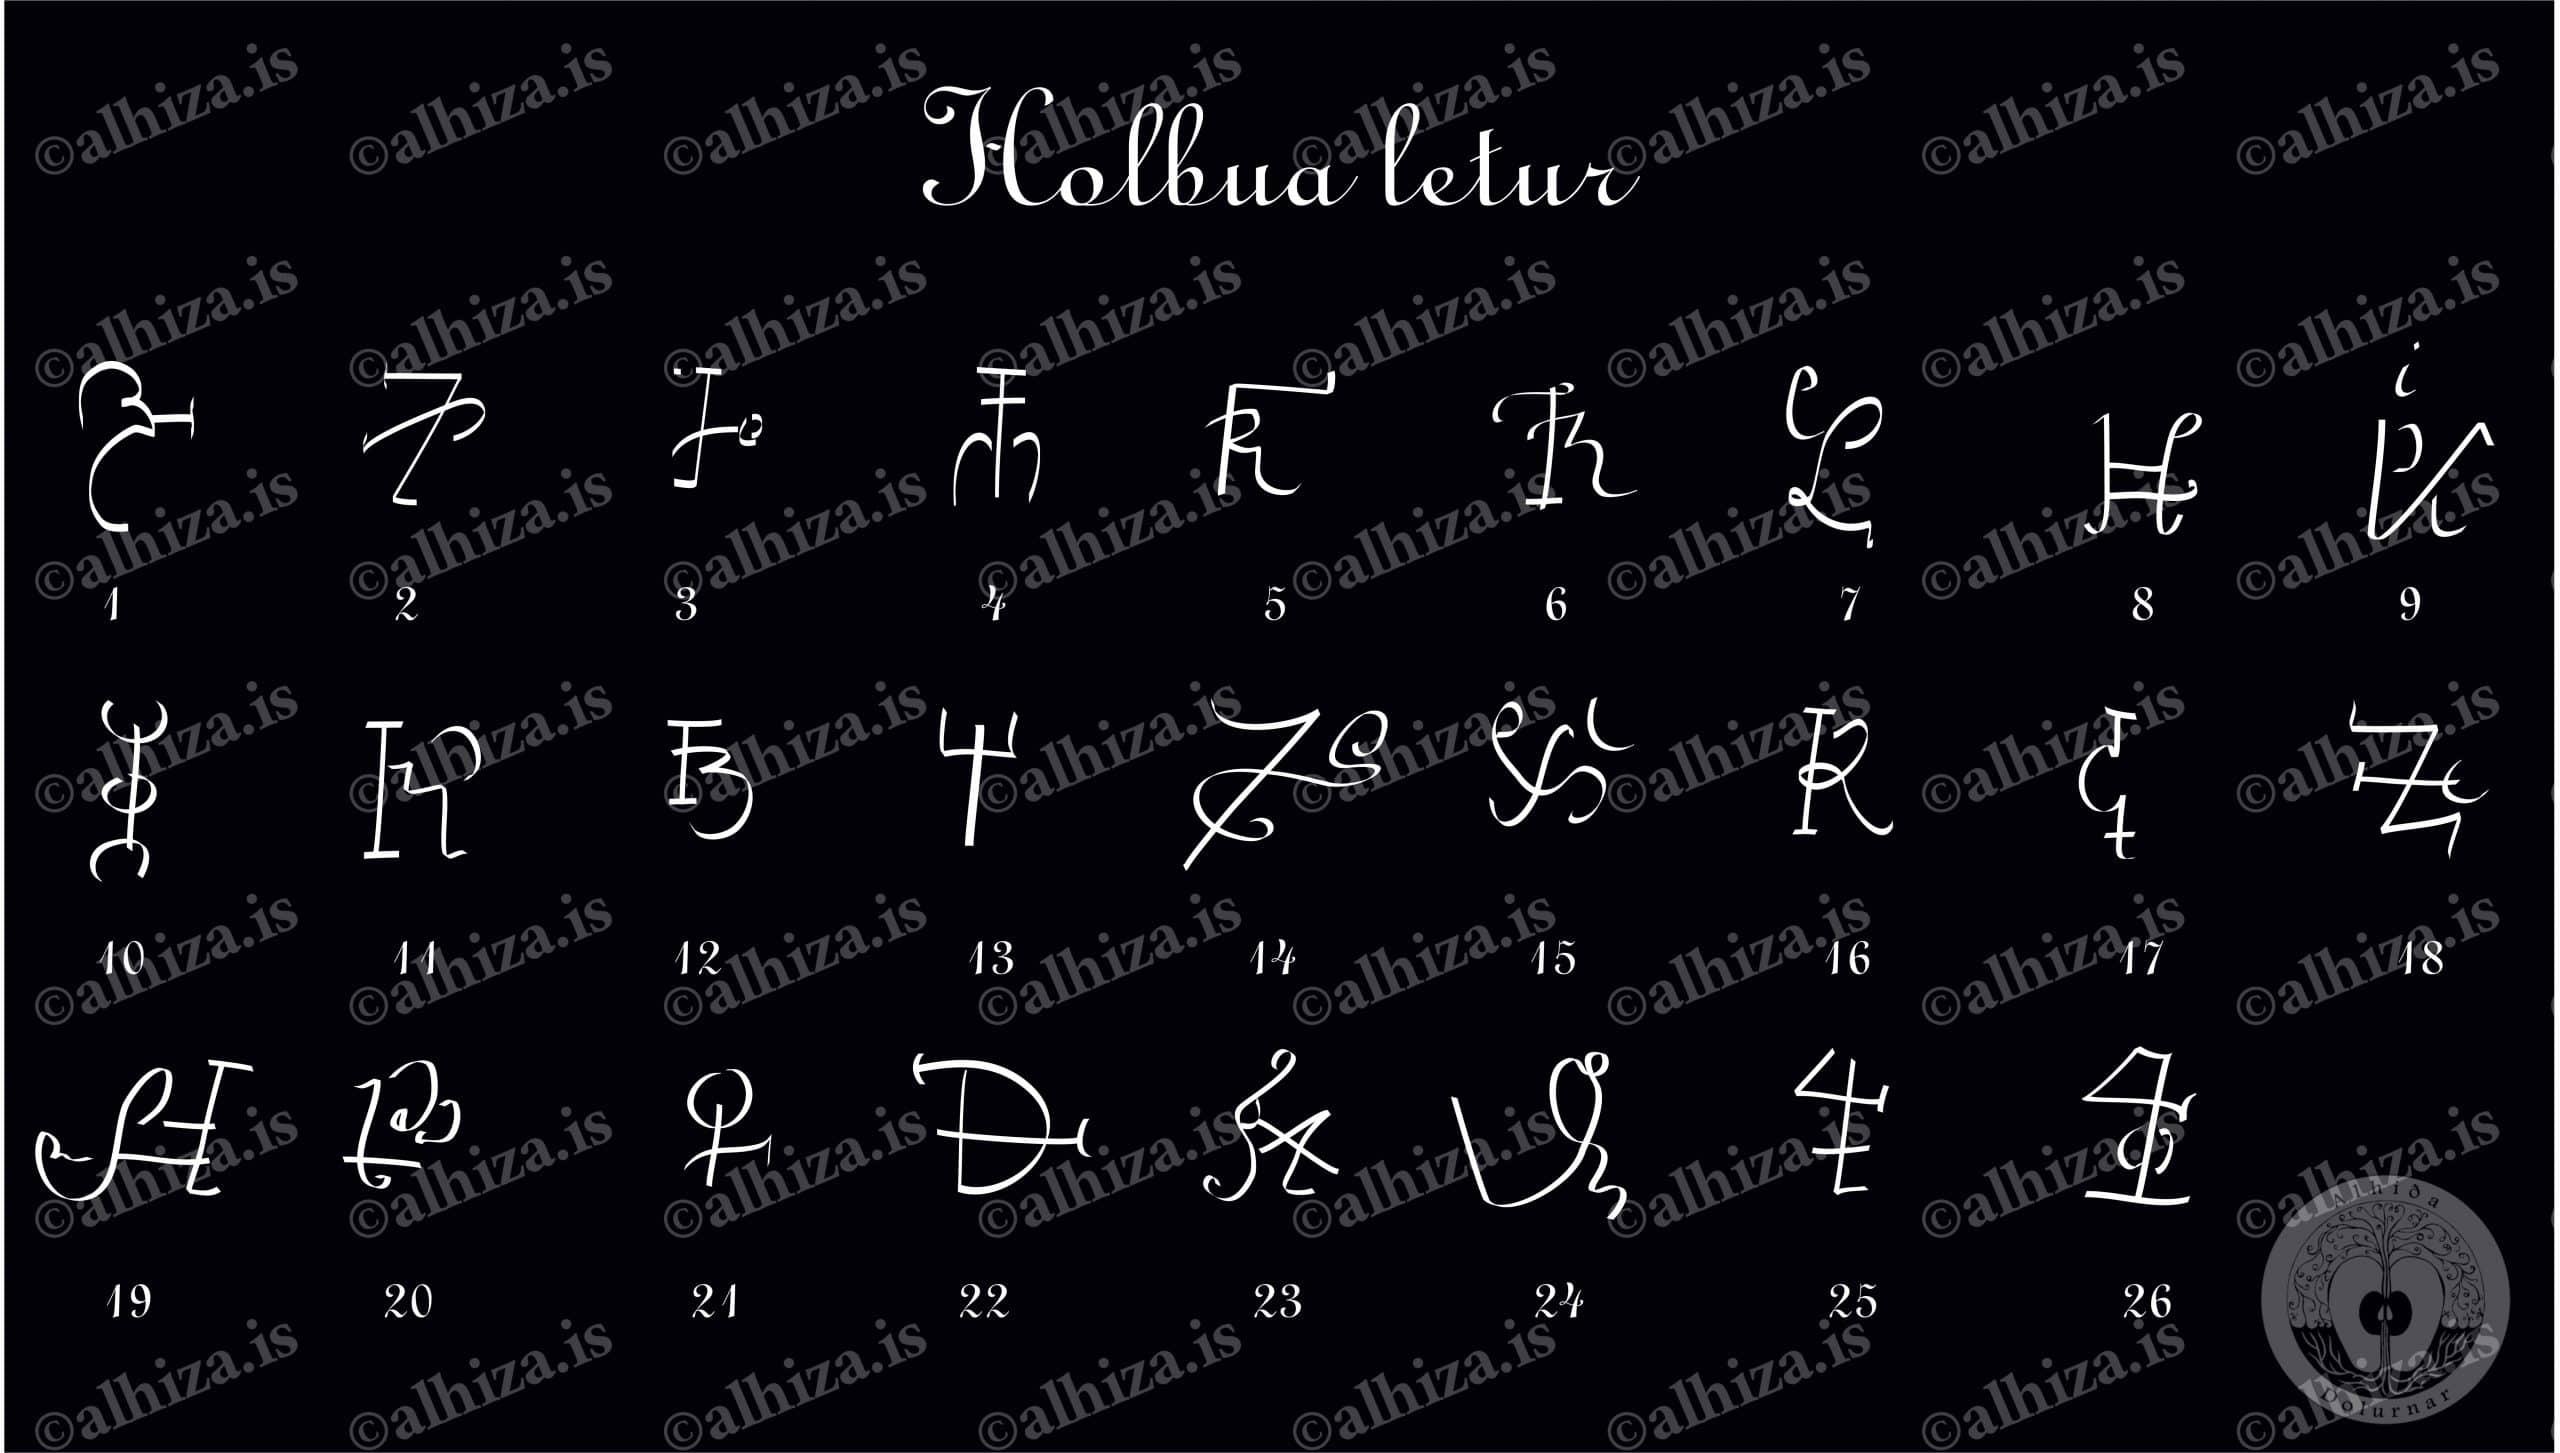 Holbua letur - Литеры люцерны